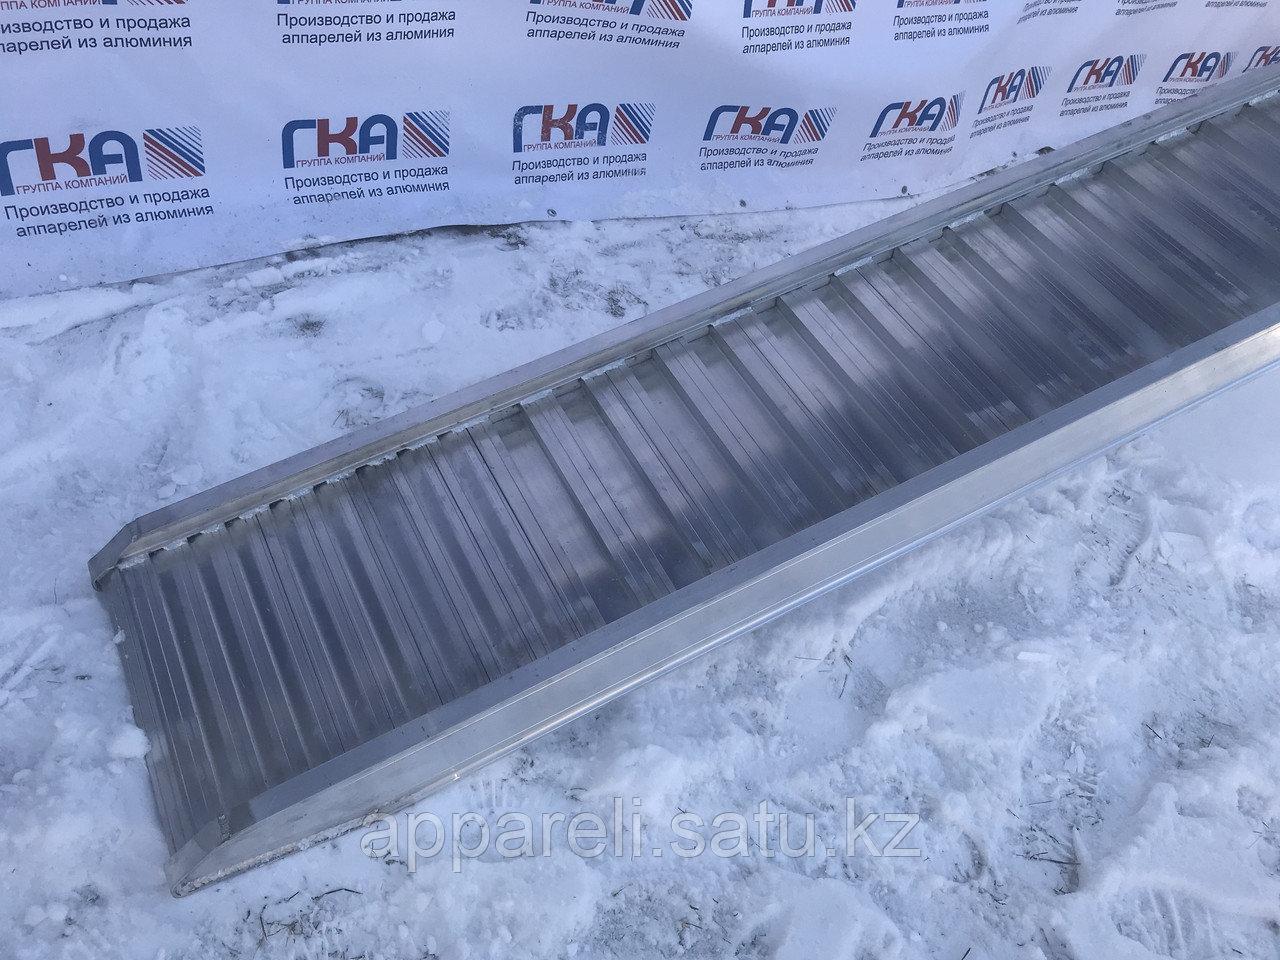 Производство рамп сходней алюминиевых аппарелей 4900 кг